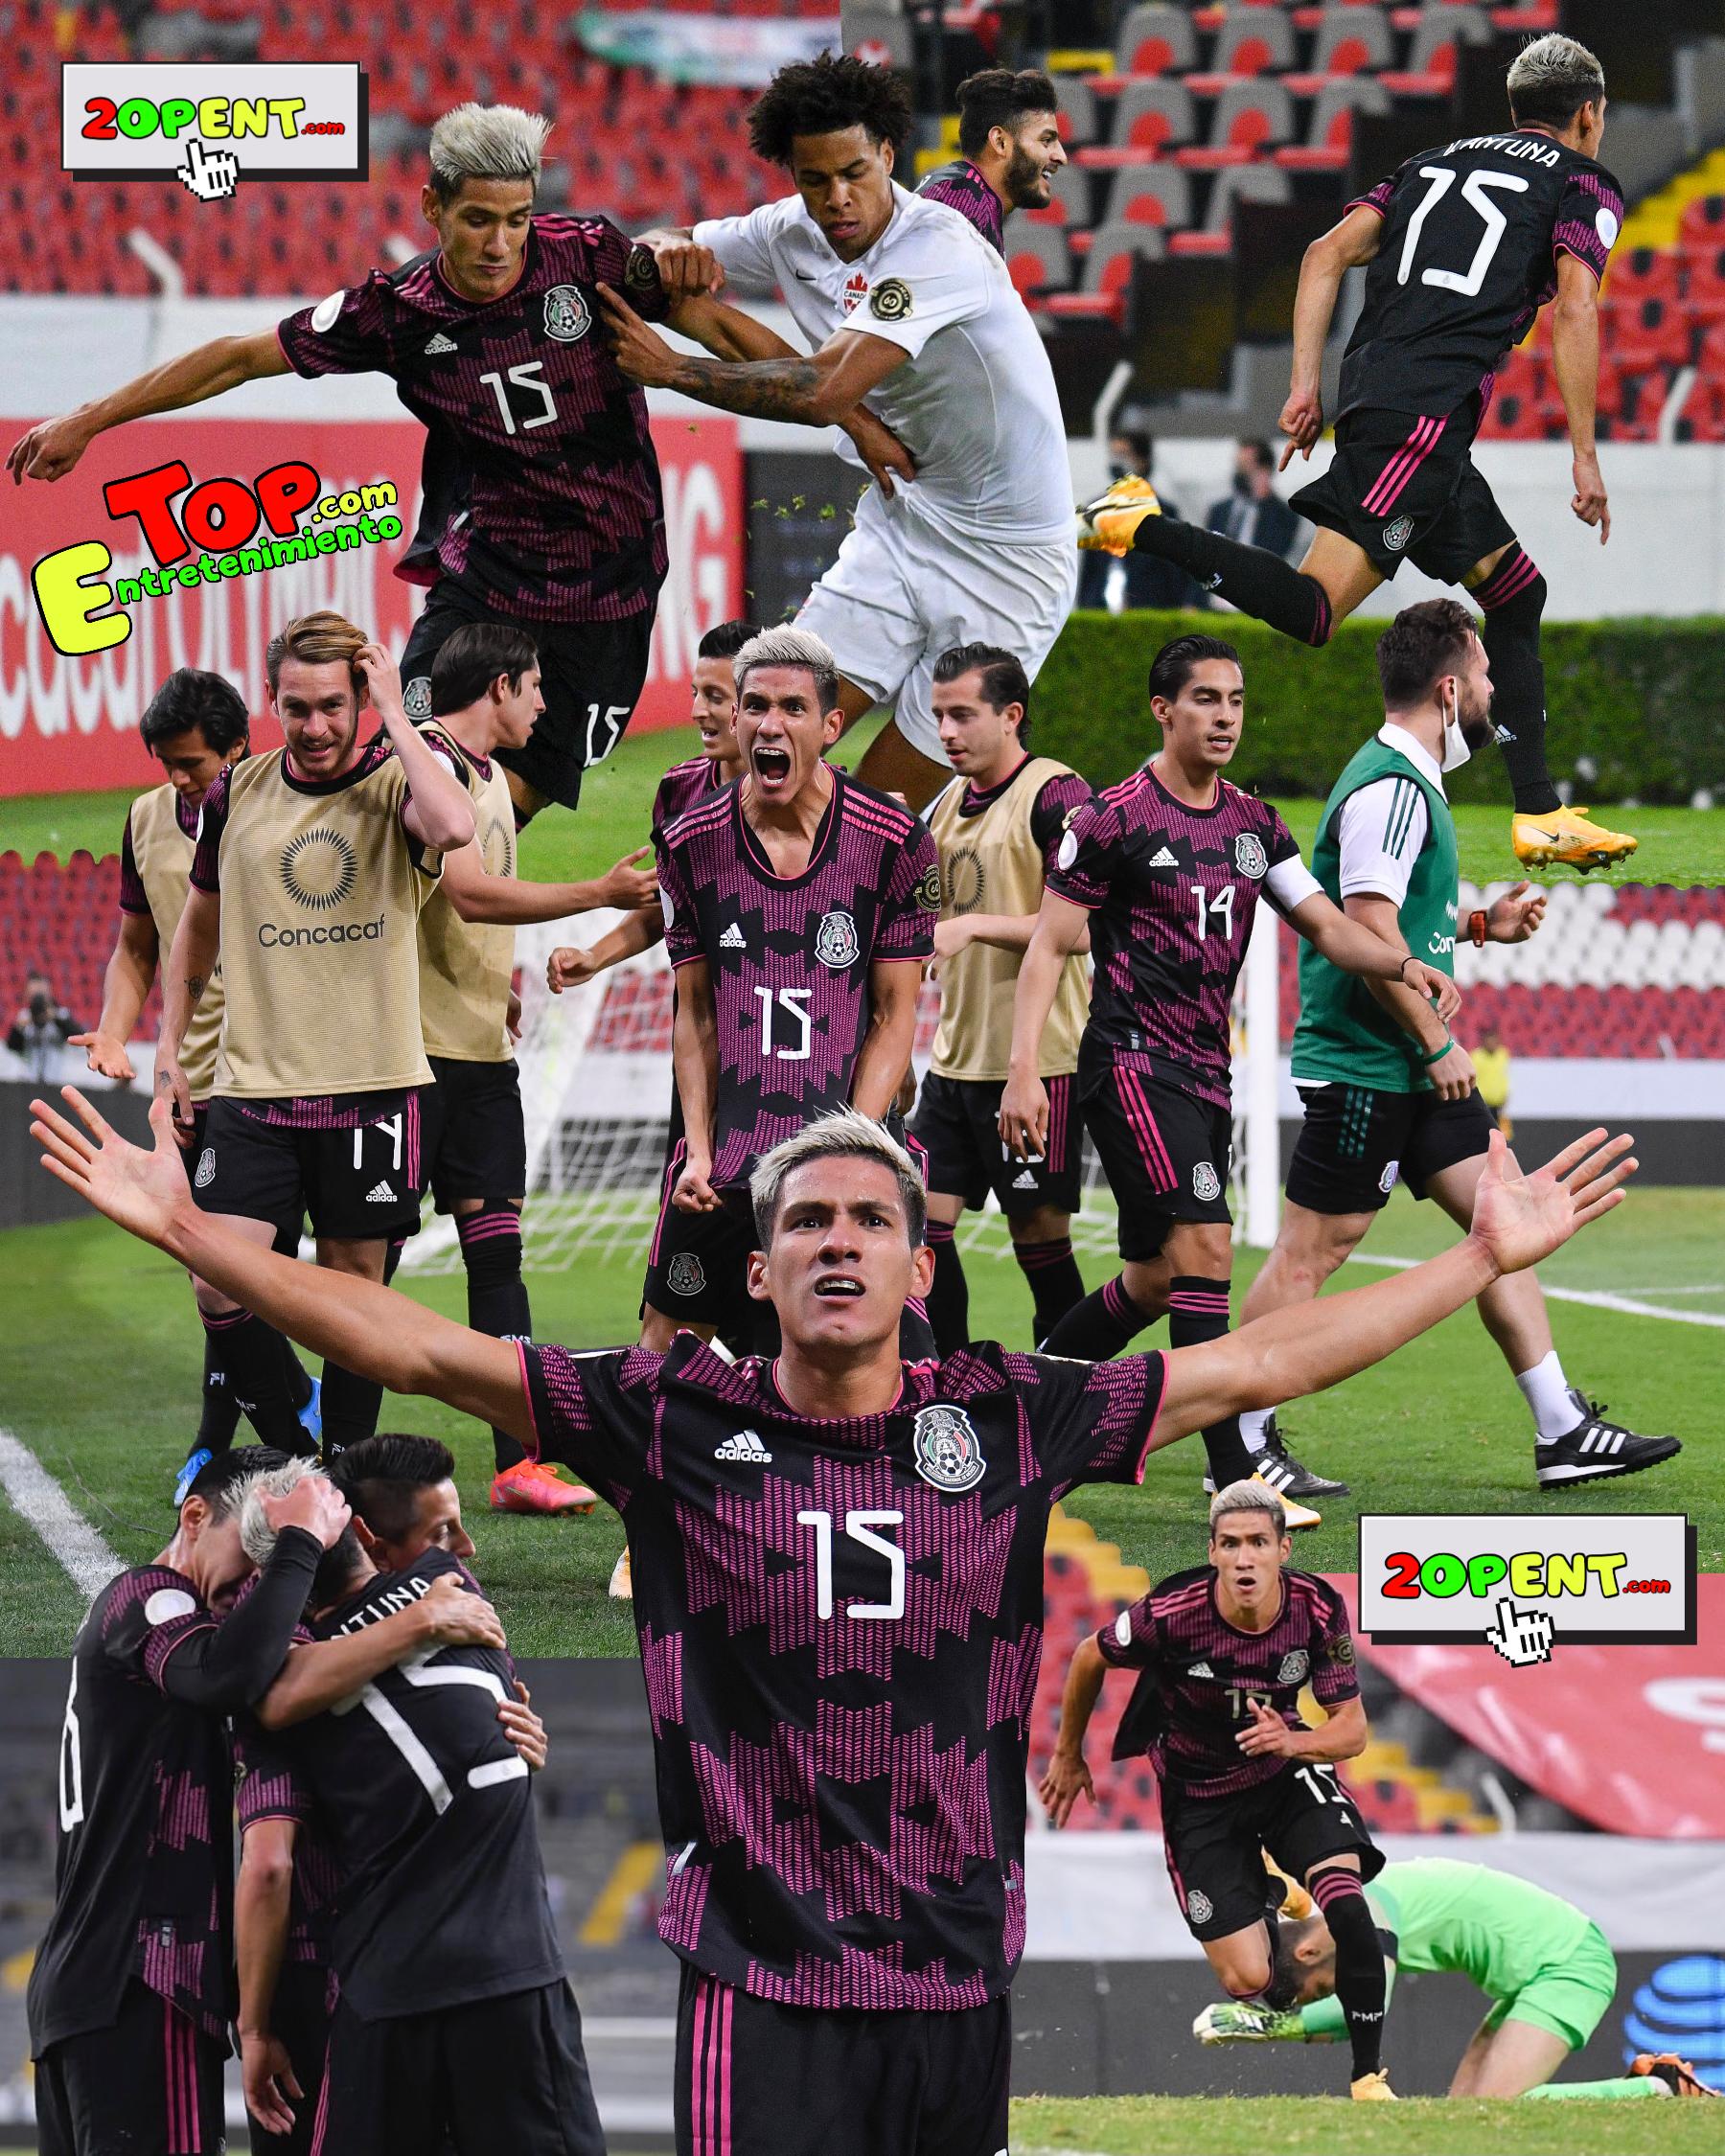 Uriel Antuna Mexico Canada Sub 23 Semifinales Preolimpico CONCACAF Seleccion Mexicana 2021